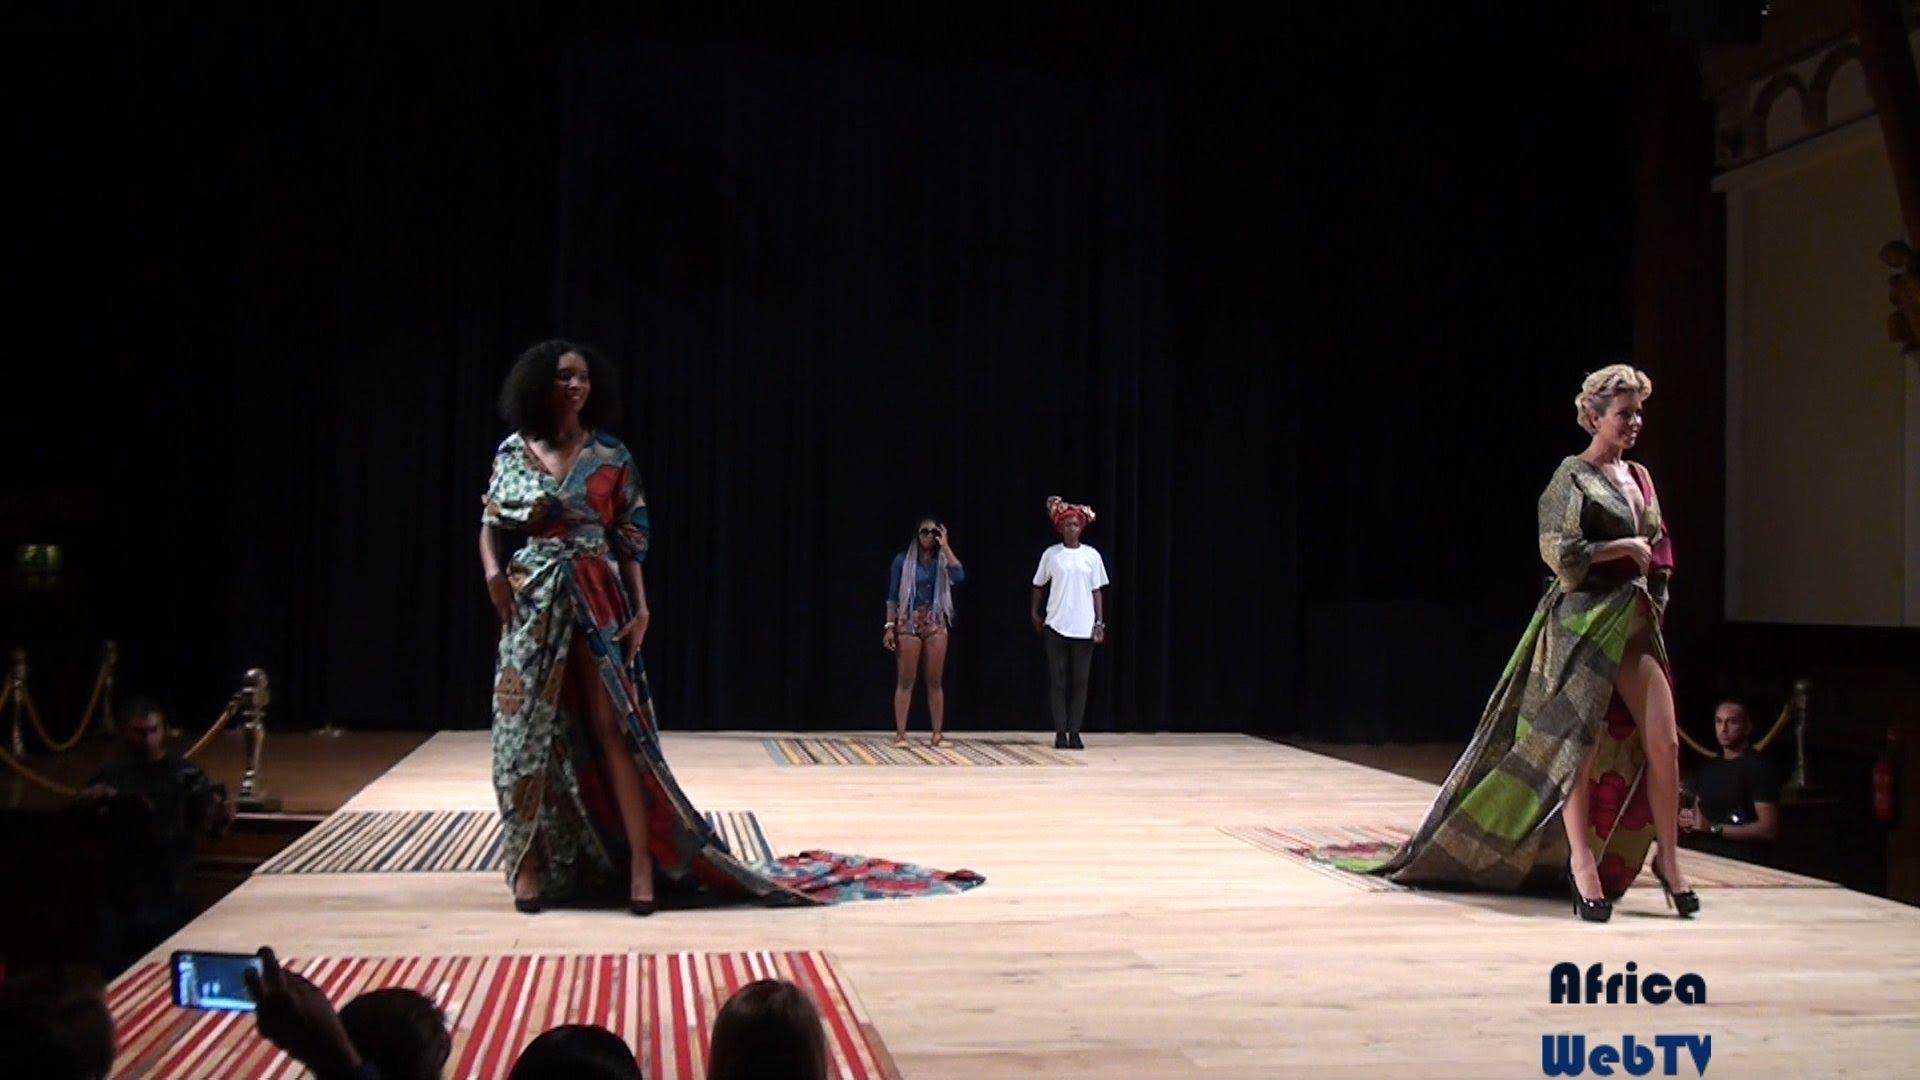 Highlights – Africa Fashion Week Amsterdam 2015